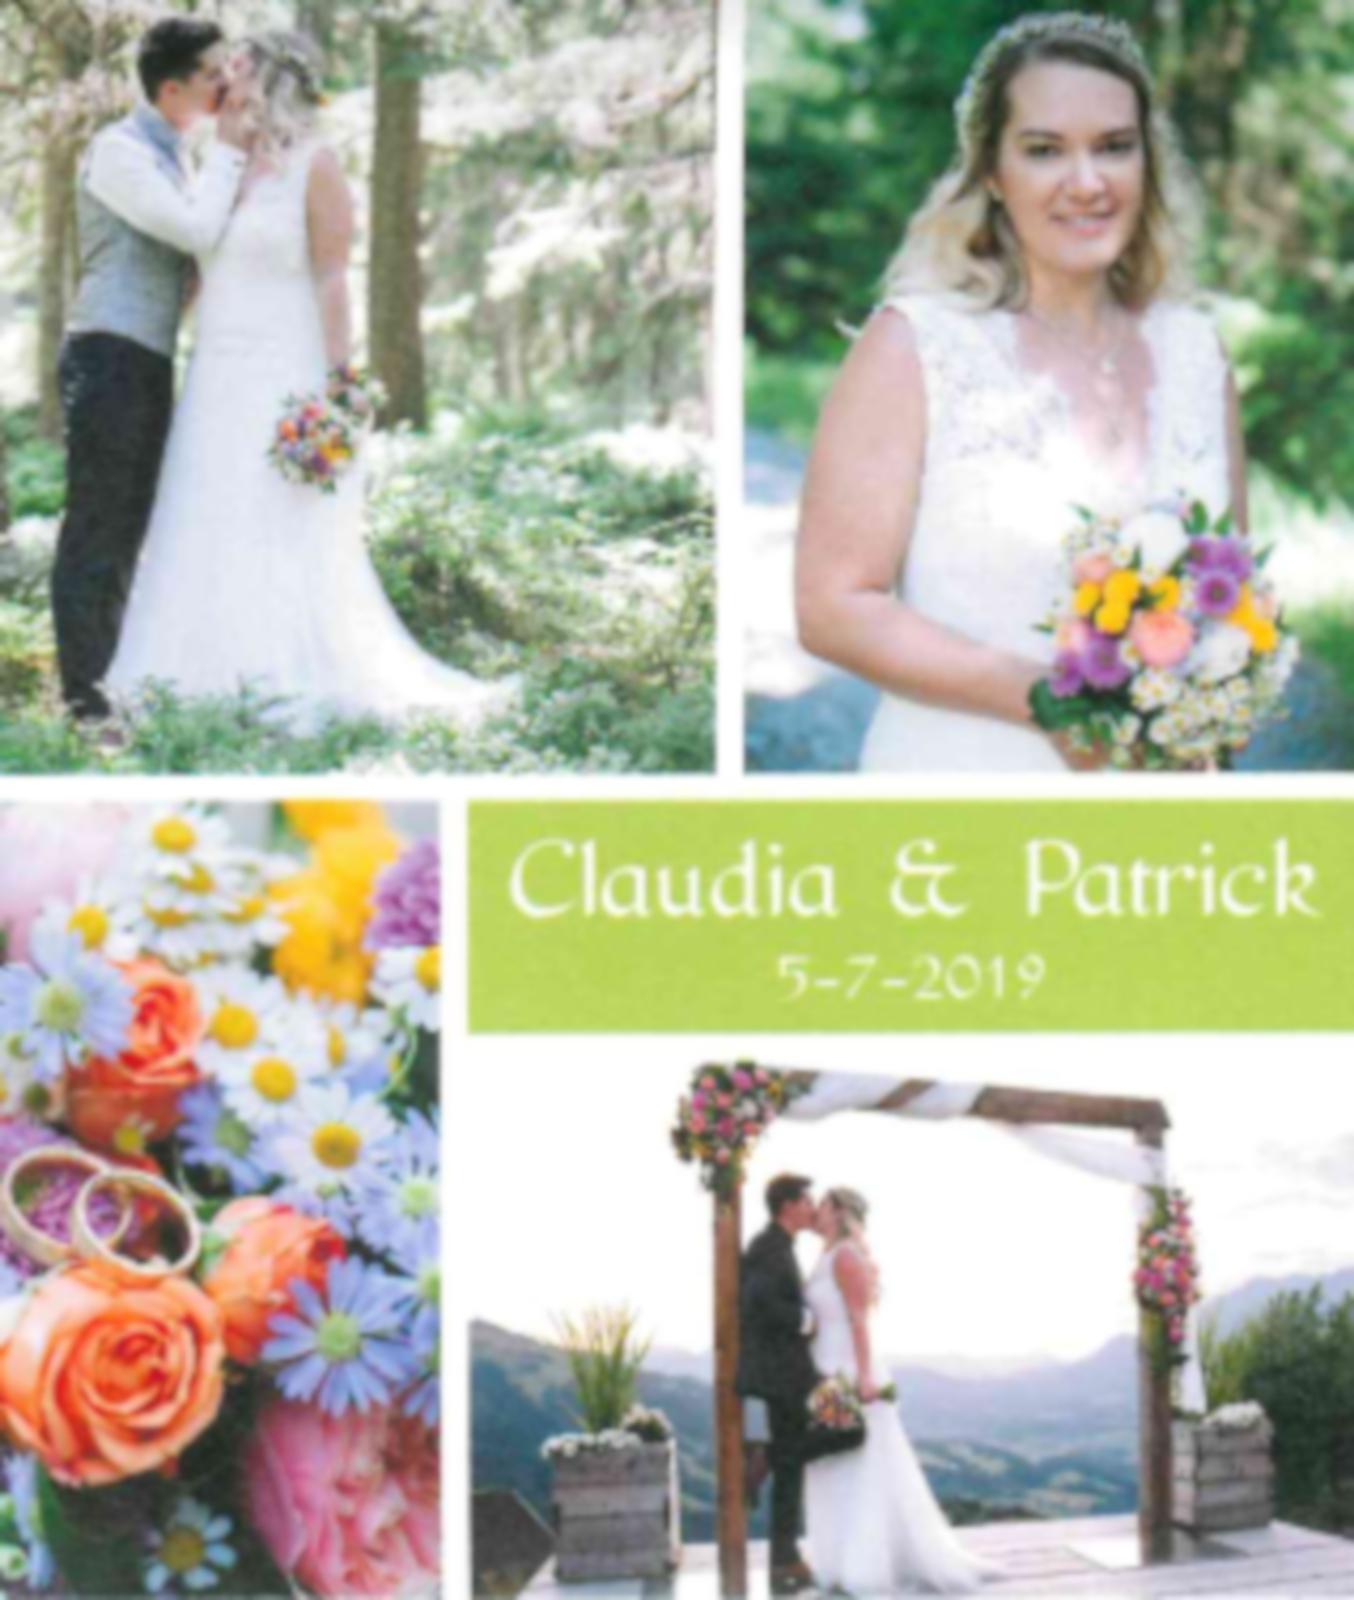 Claudia&patrick